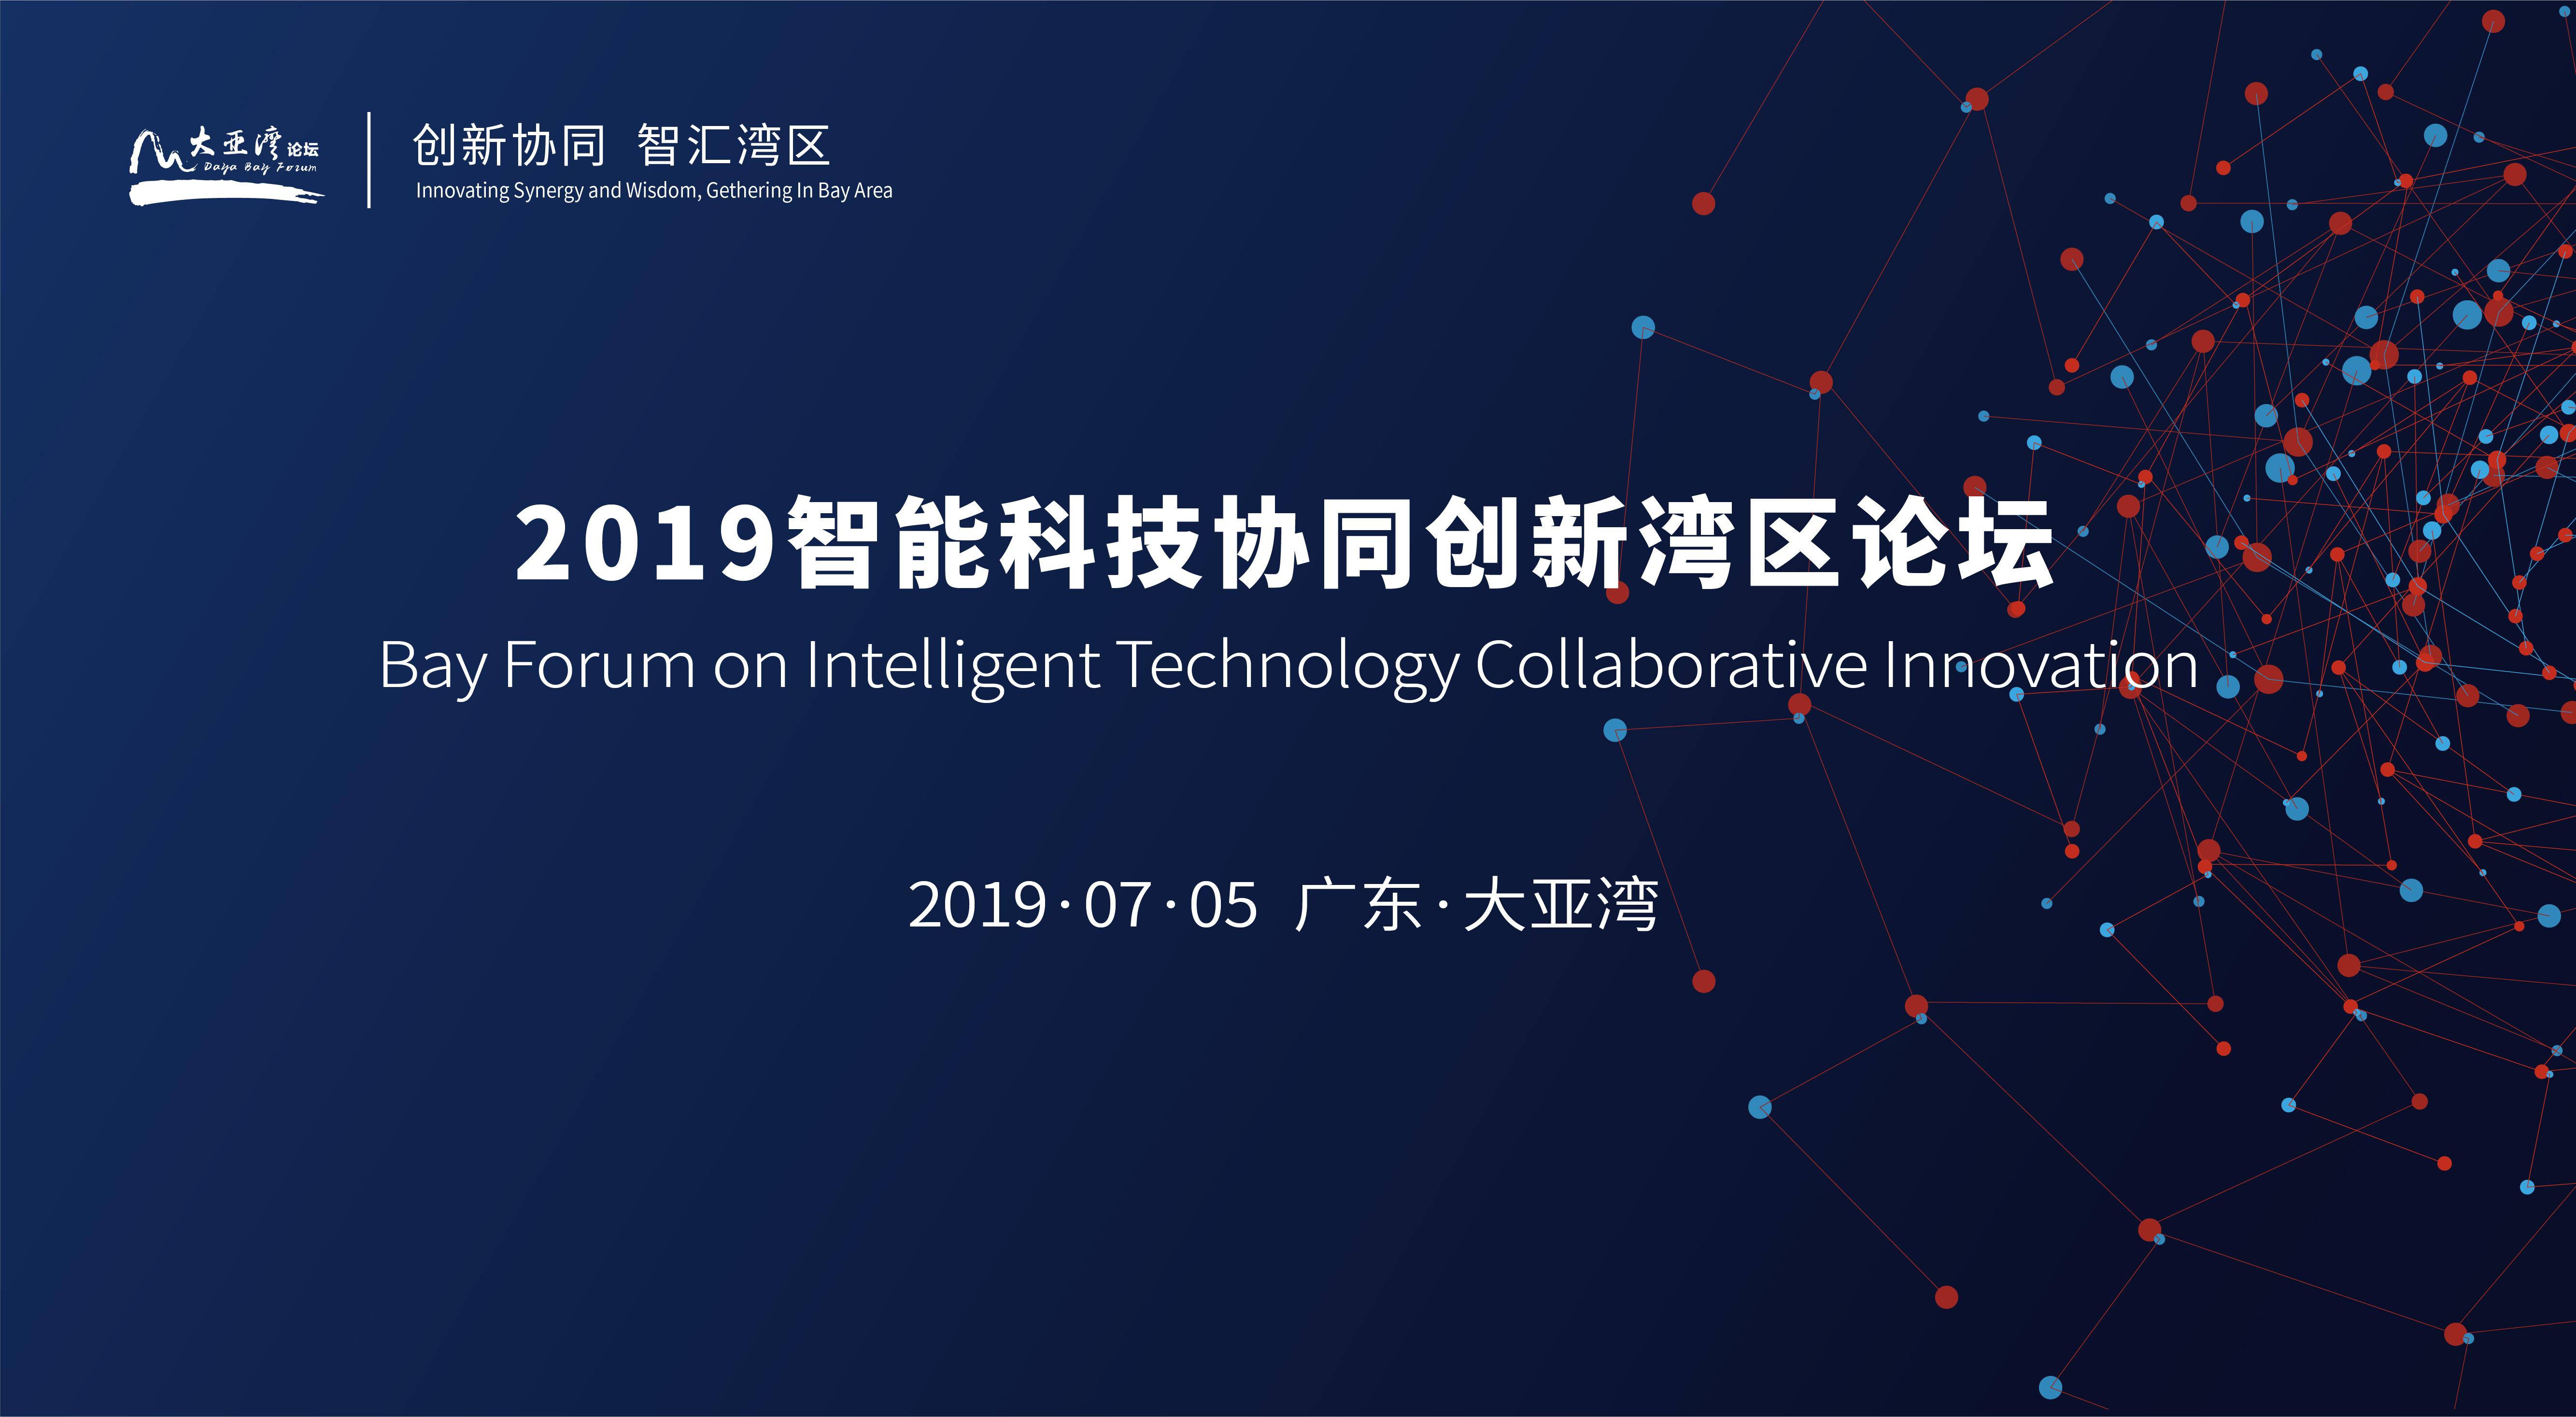 2019智能科技协同创新湾区论坛即将开启